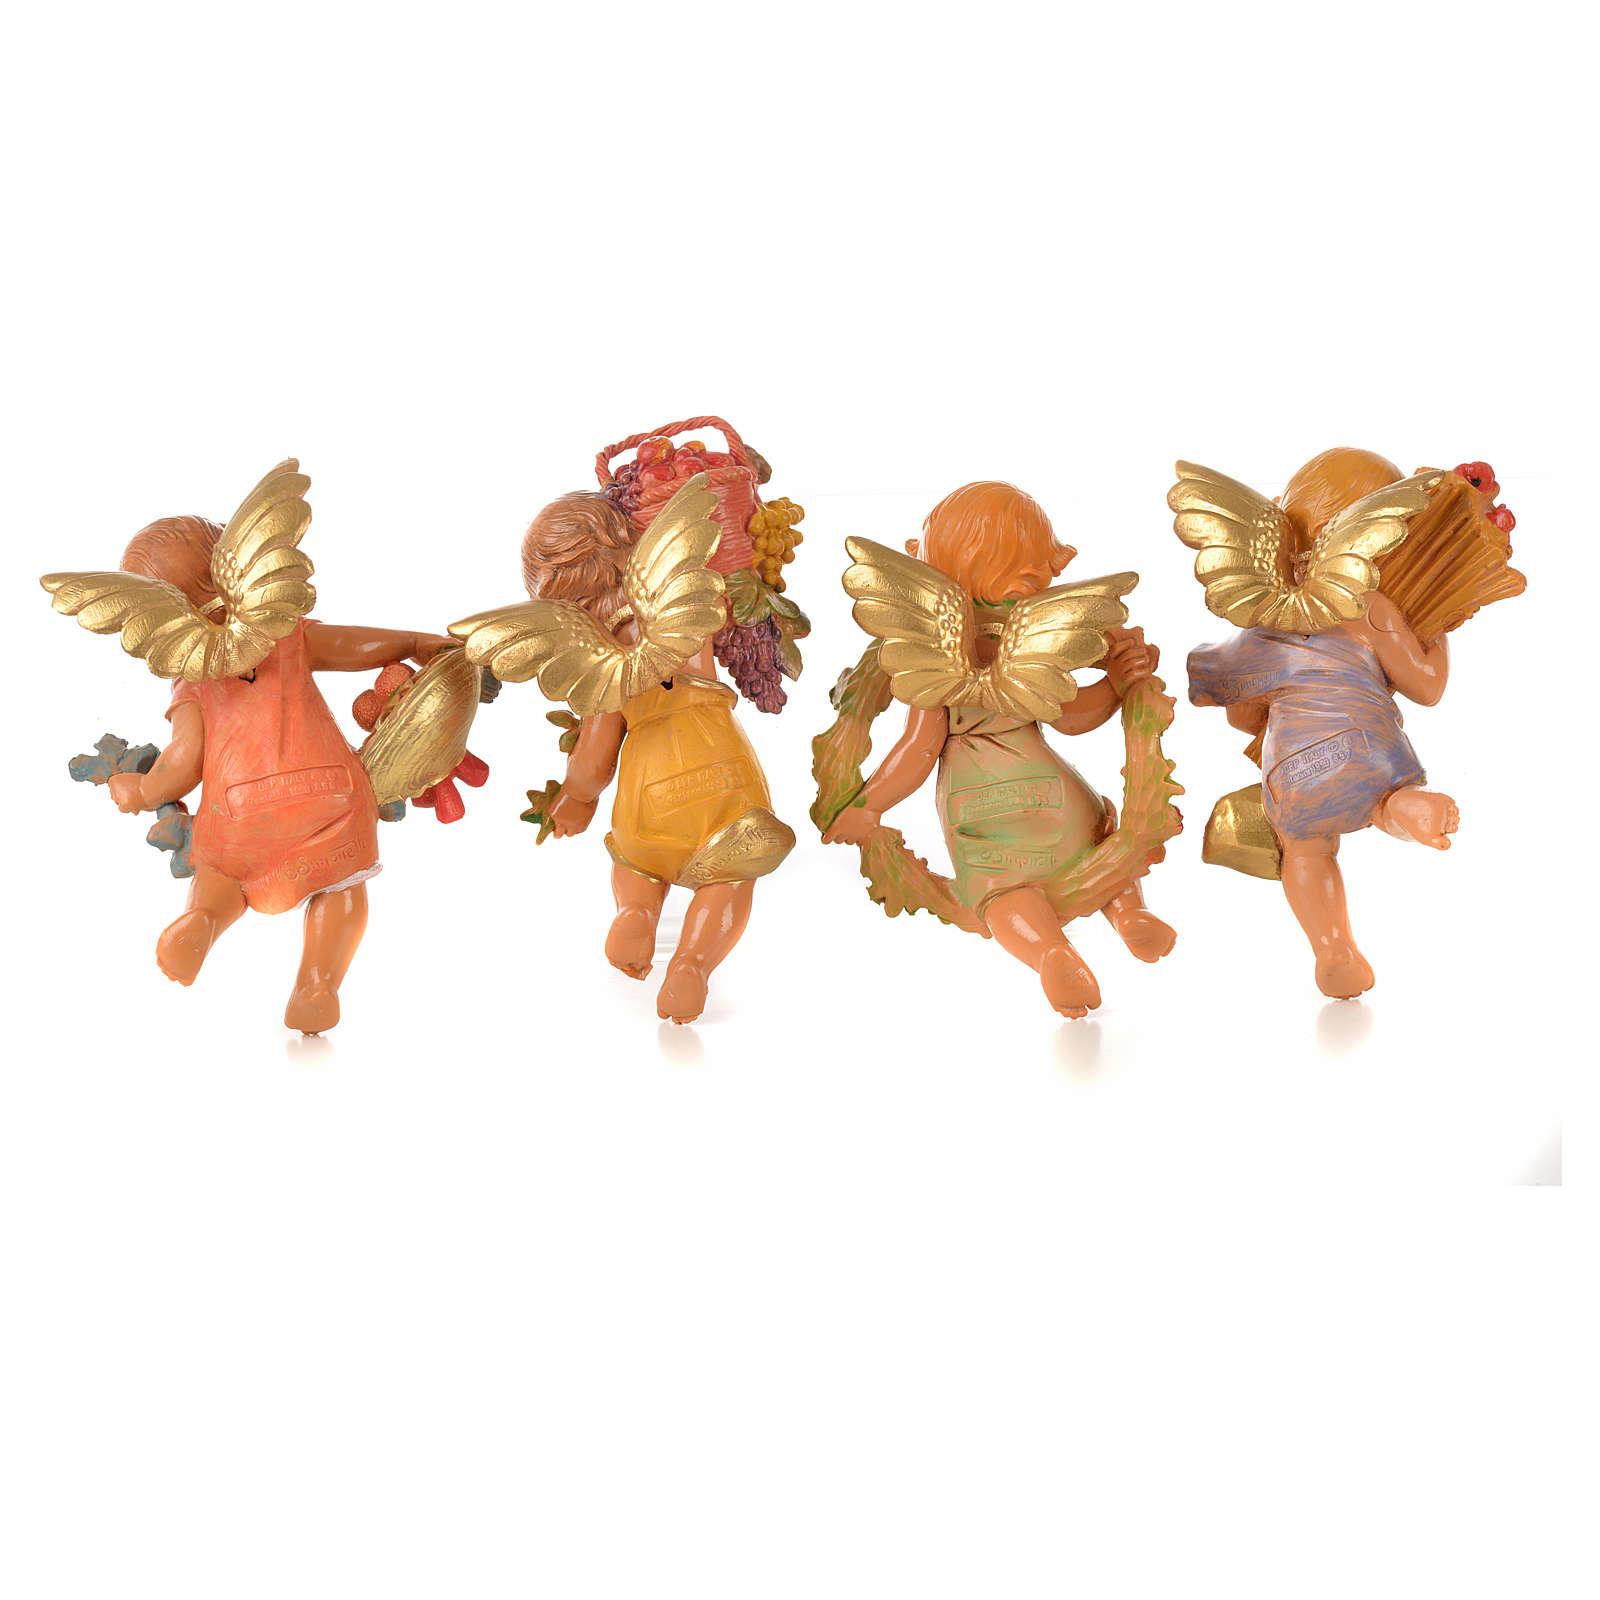 Engel der Jahreszeiten 4 Stücke Fontanini 12 cm 3